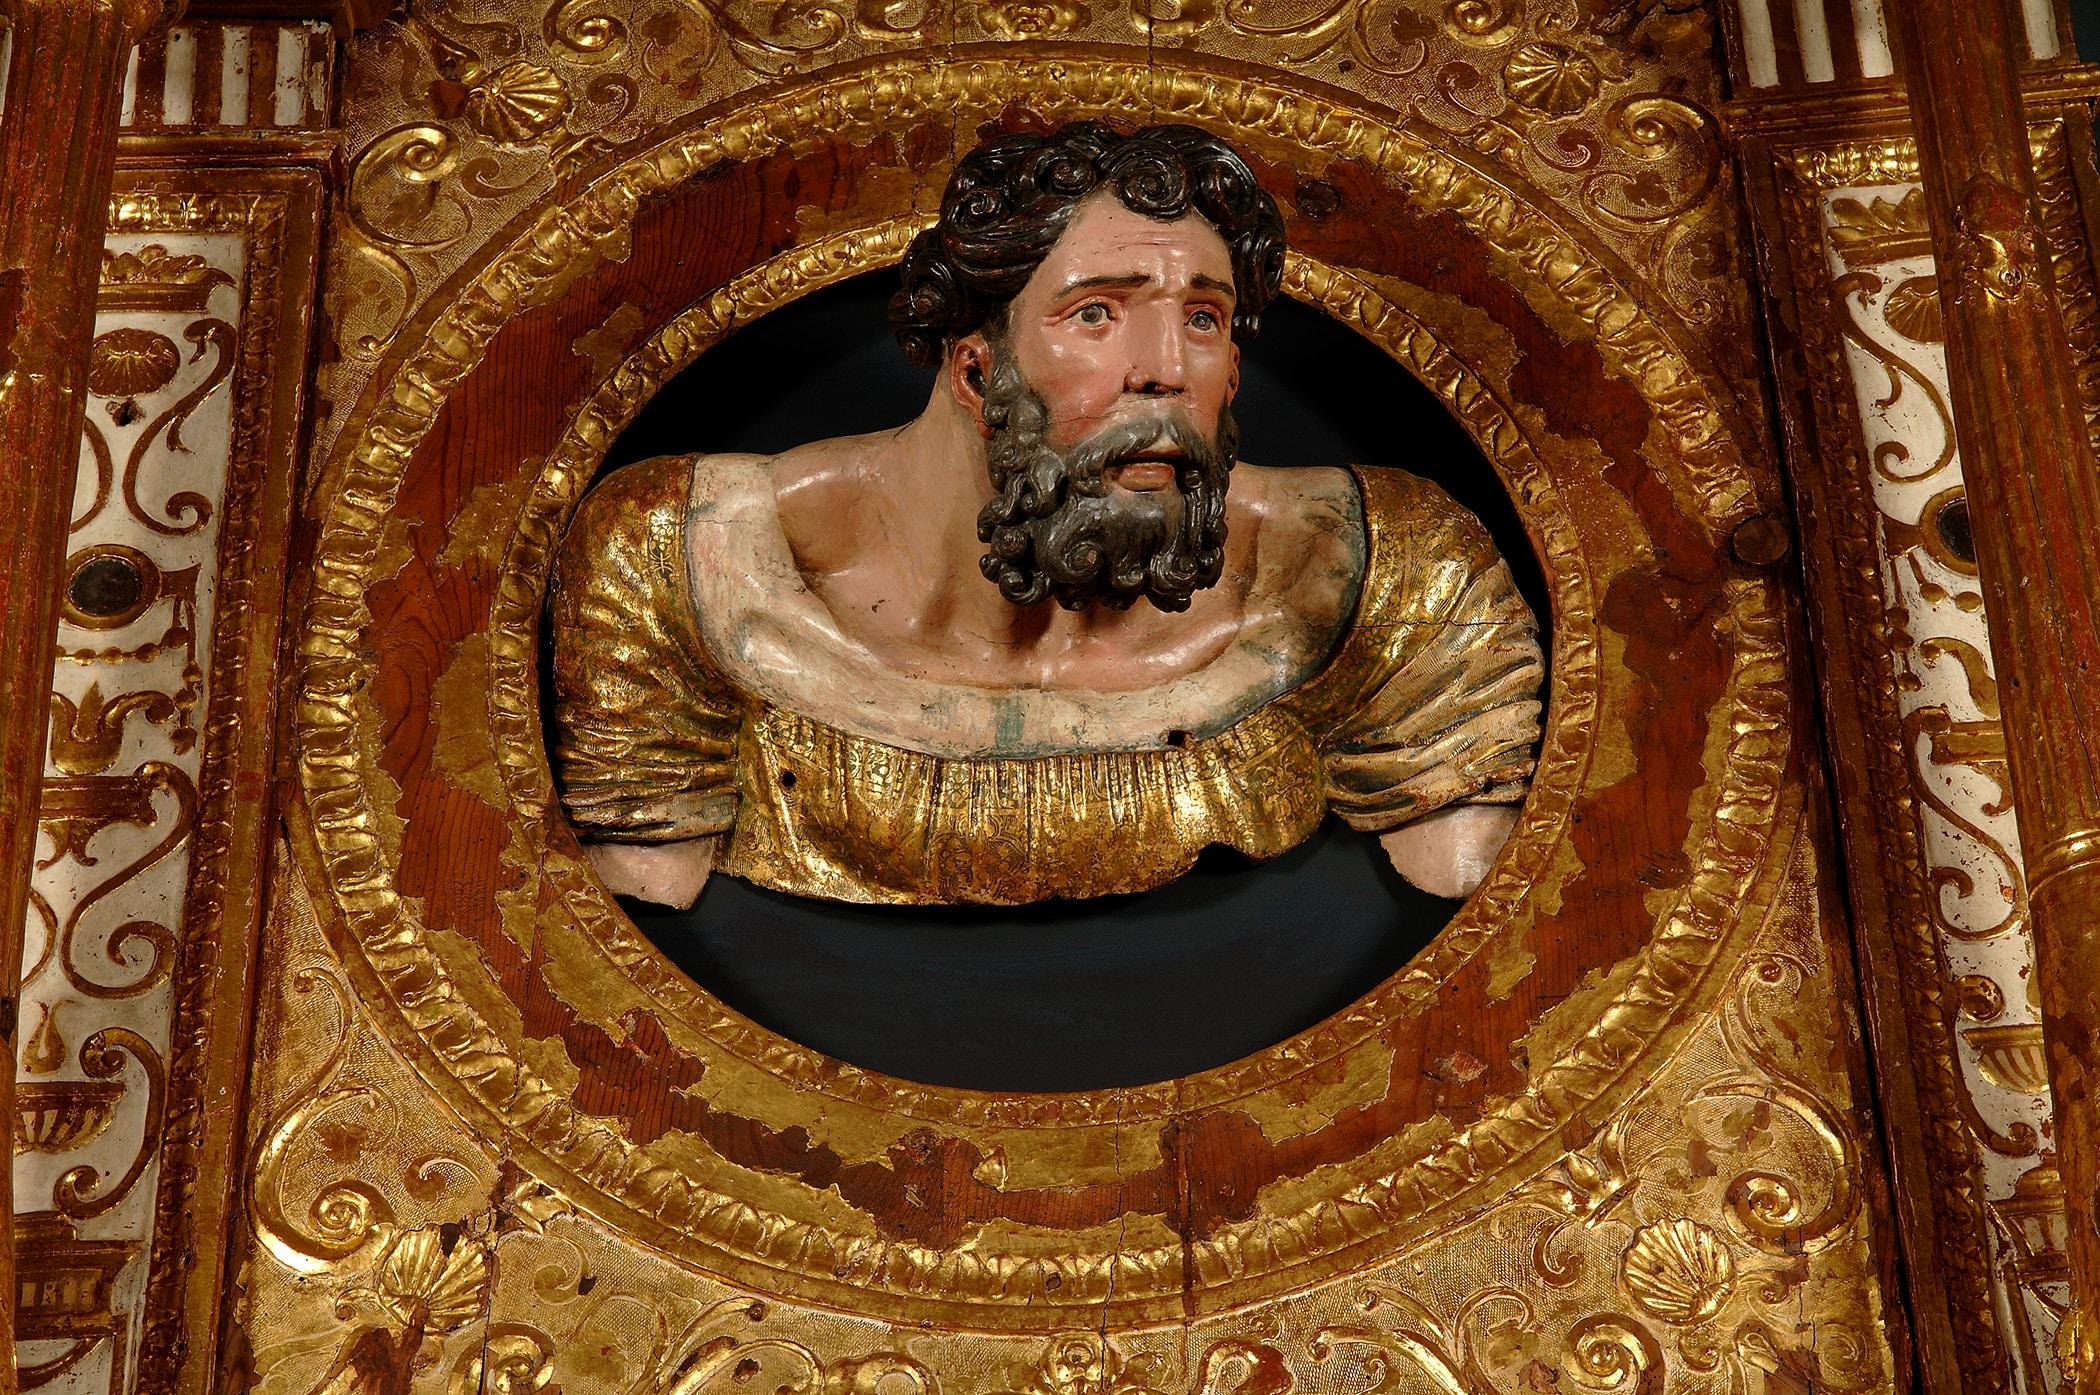 Meadows Museum exhibit: Alonso Berruguete: First Sculptor of Renaissance Spain